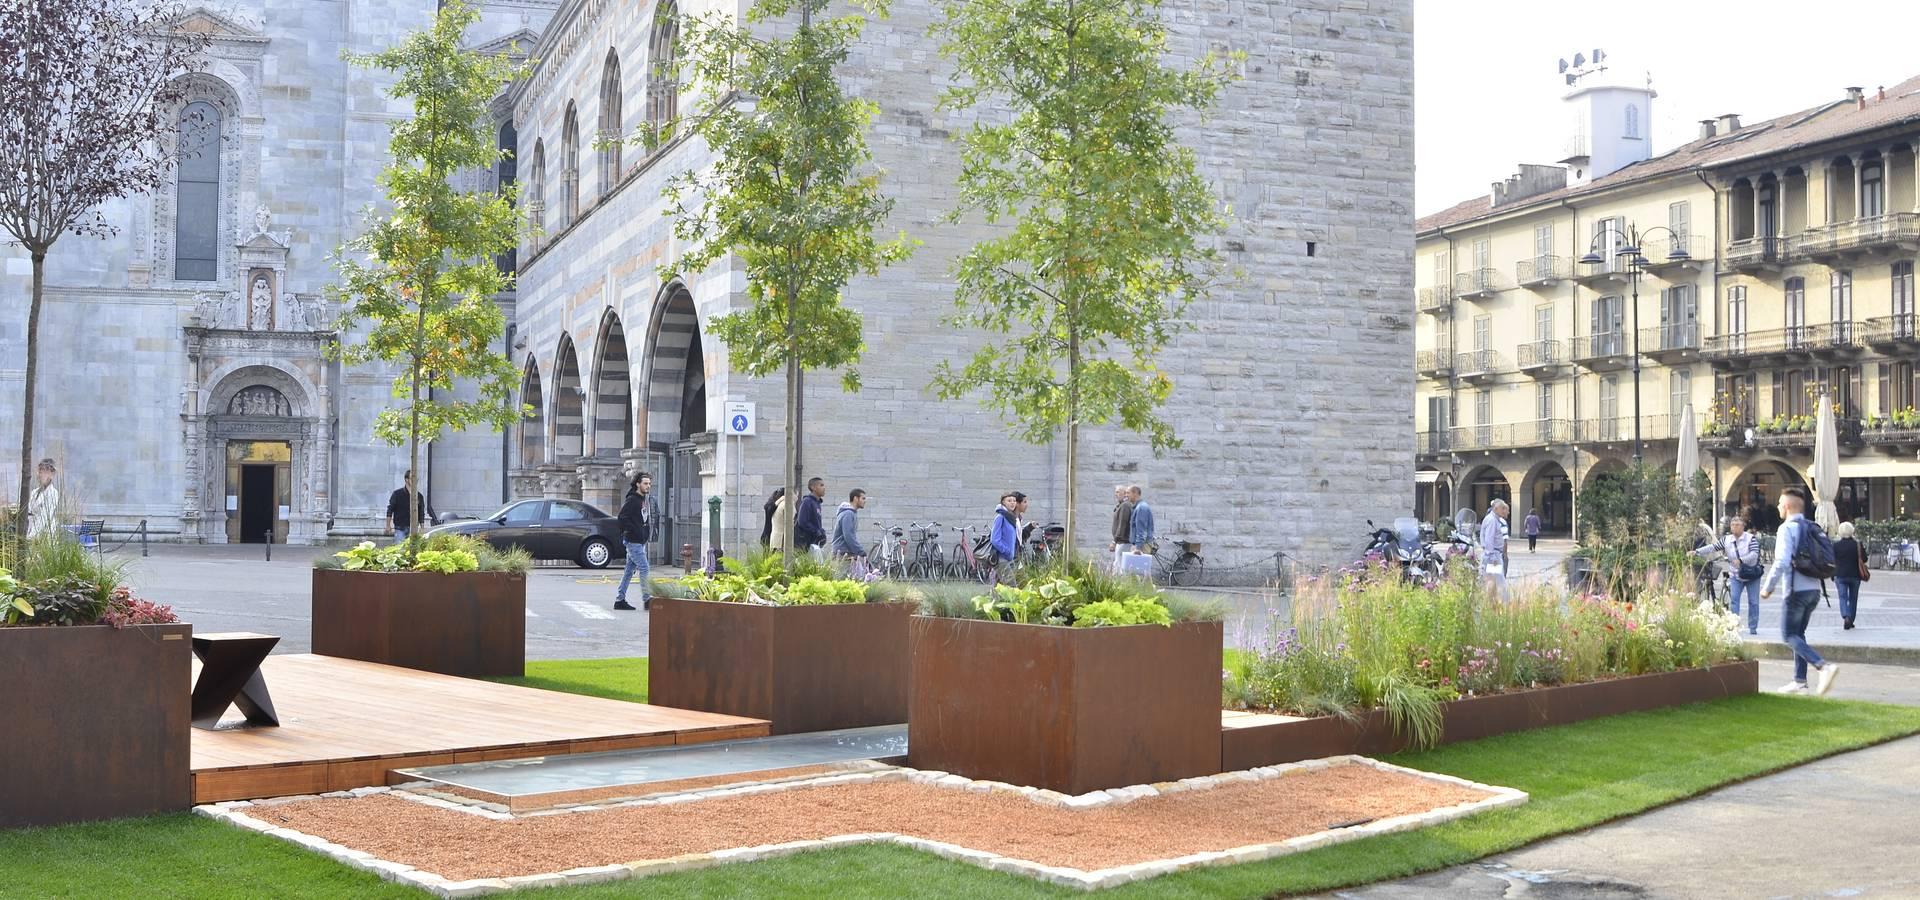 Glauco Pertoldi – Landscape and Garden Design